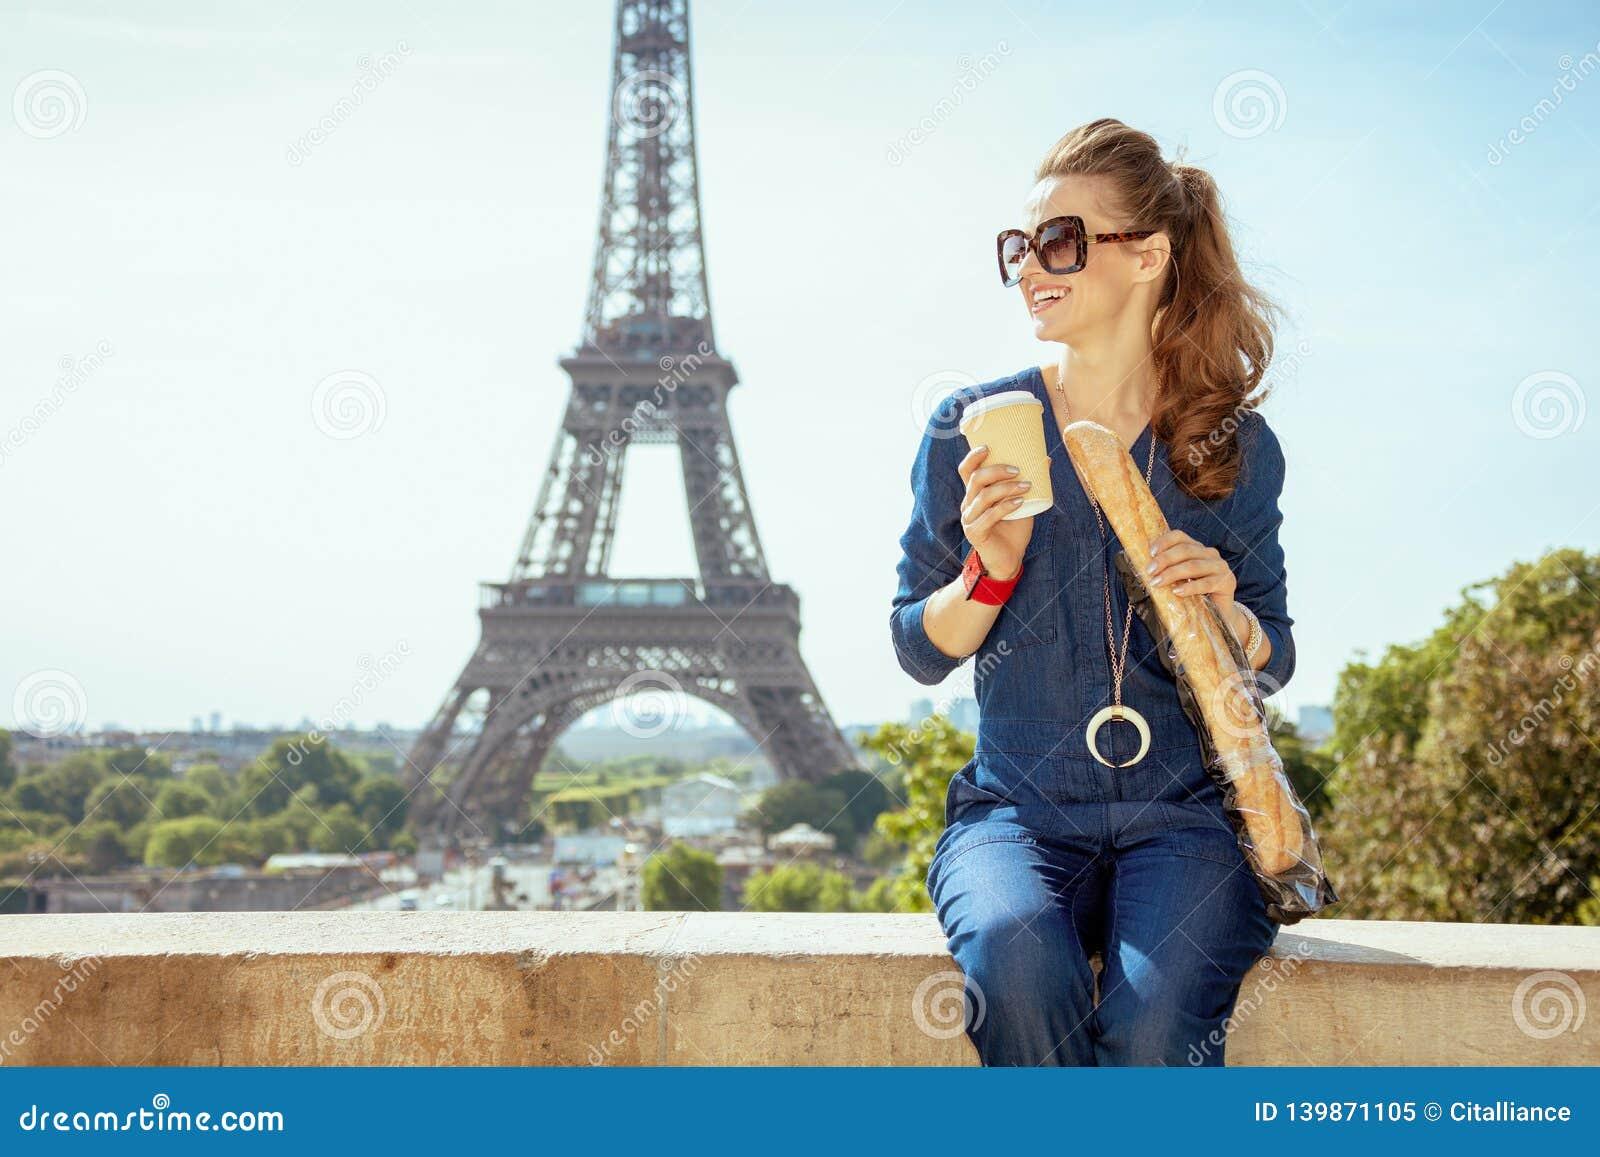 Reserkvinna Med Kaffekopp Och Baguette I Paris Frankrike Fotografering For Bildbyraer Bild Av 139871105